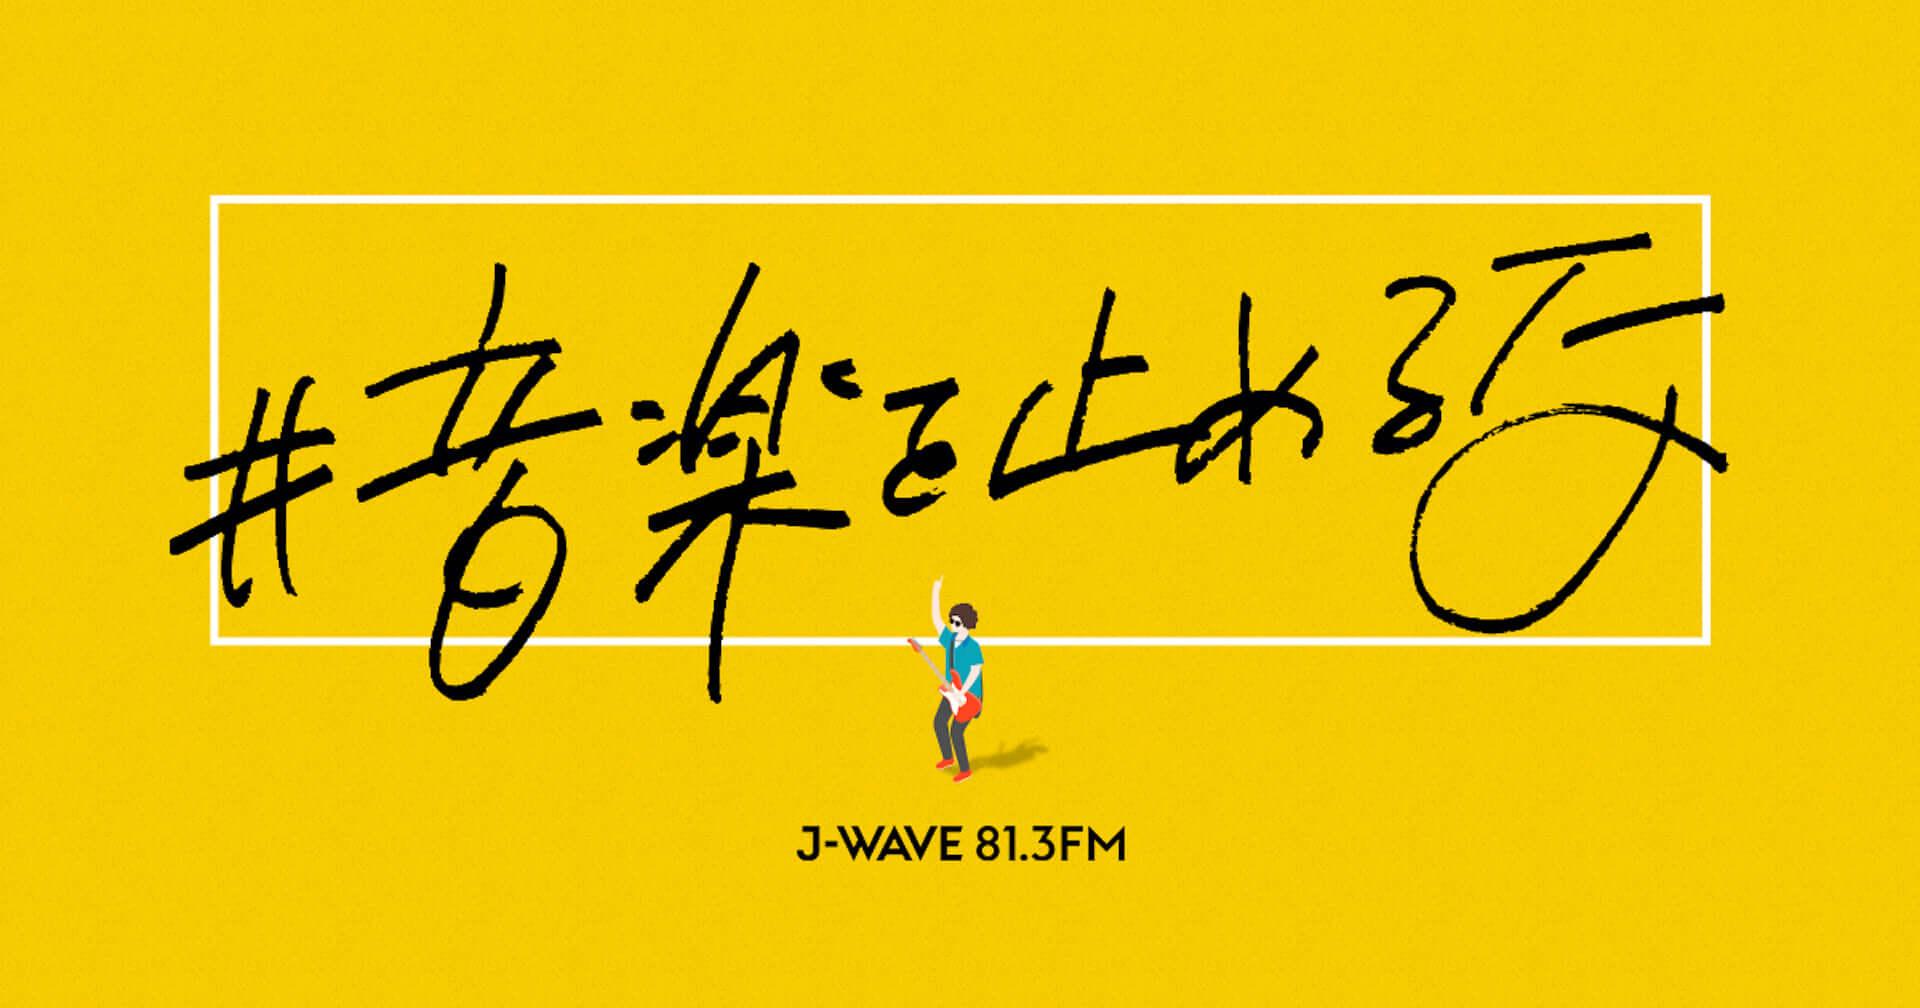 WONKがブルーノート東京から無観客ライブ中継を実施決定!J-WAVE「#音楽を止めるな」スペシャル企画 music200408_jwave_sonarmusic_2-1920x1008